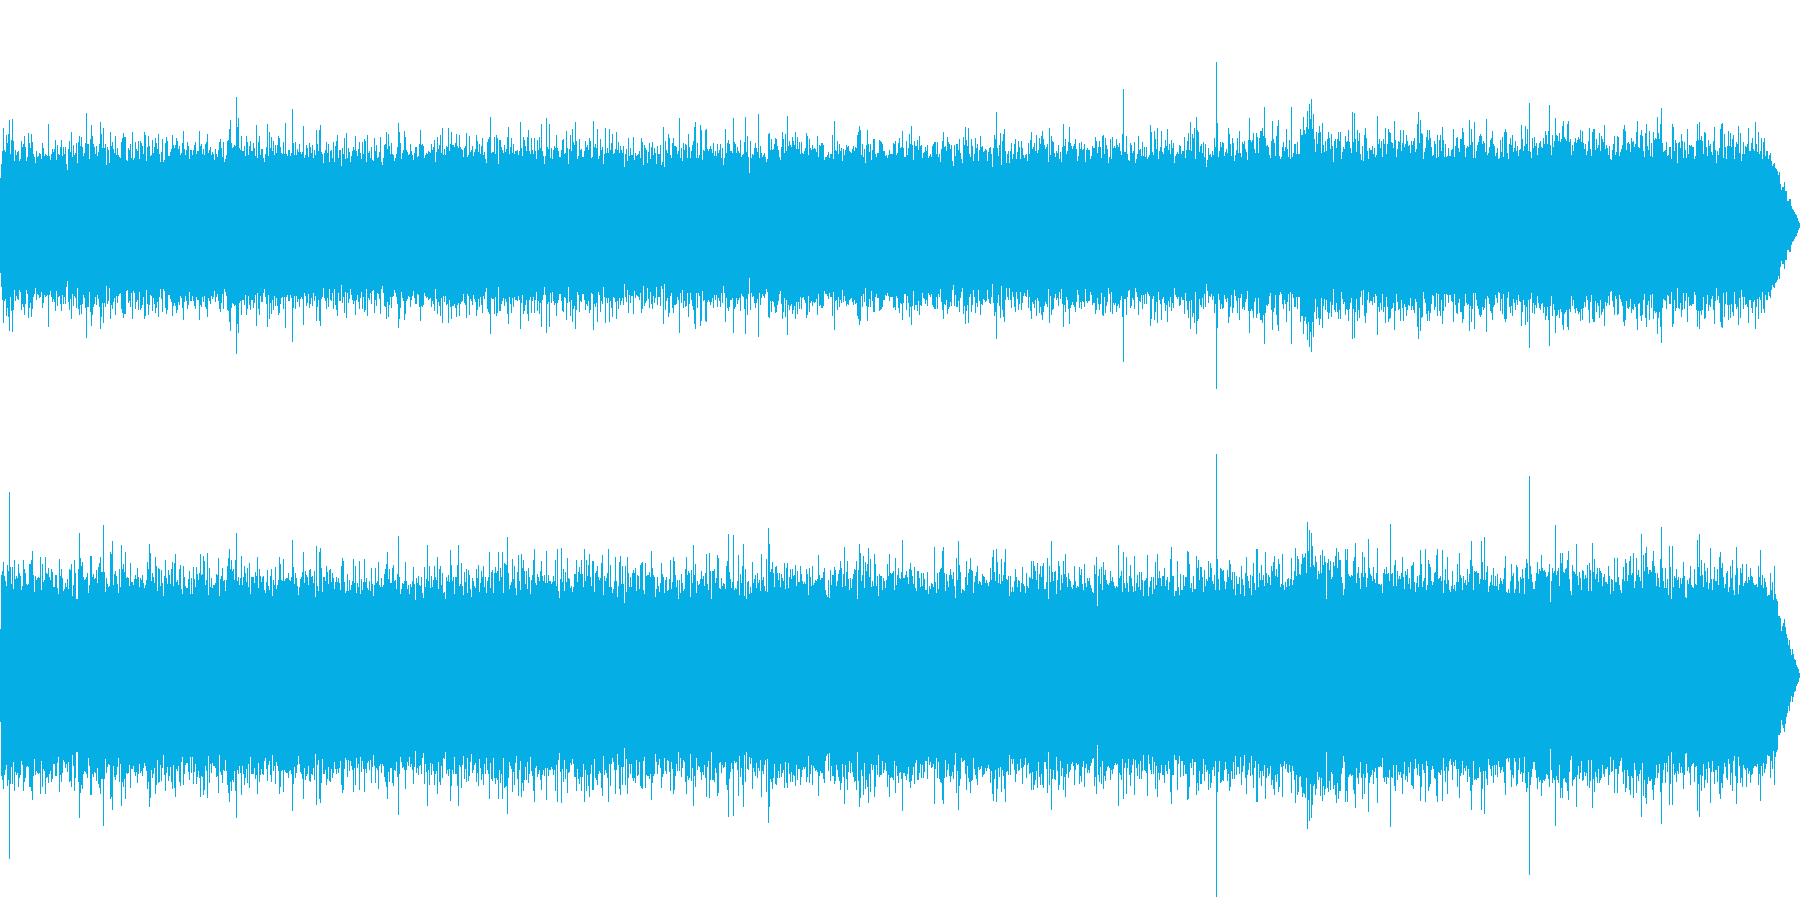 夏、湧き水の音+アブラゼミの鳴き声の再生済みの波形